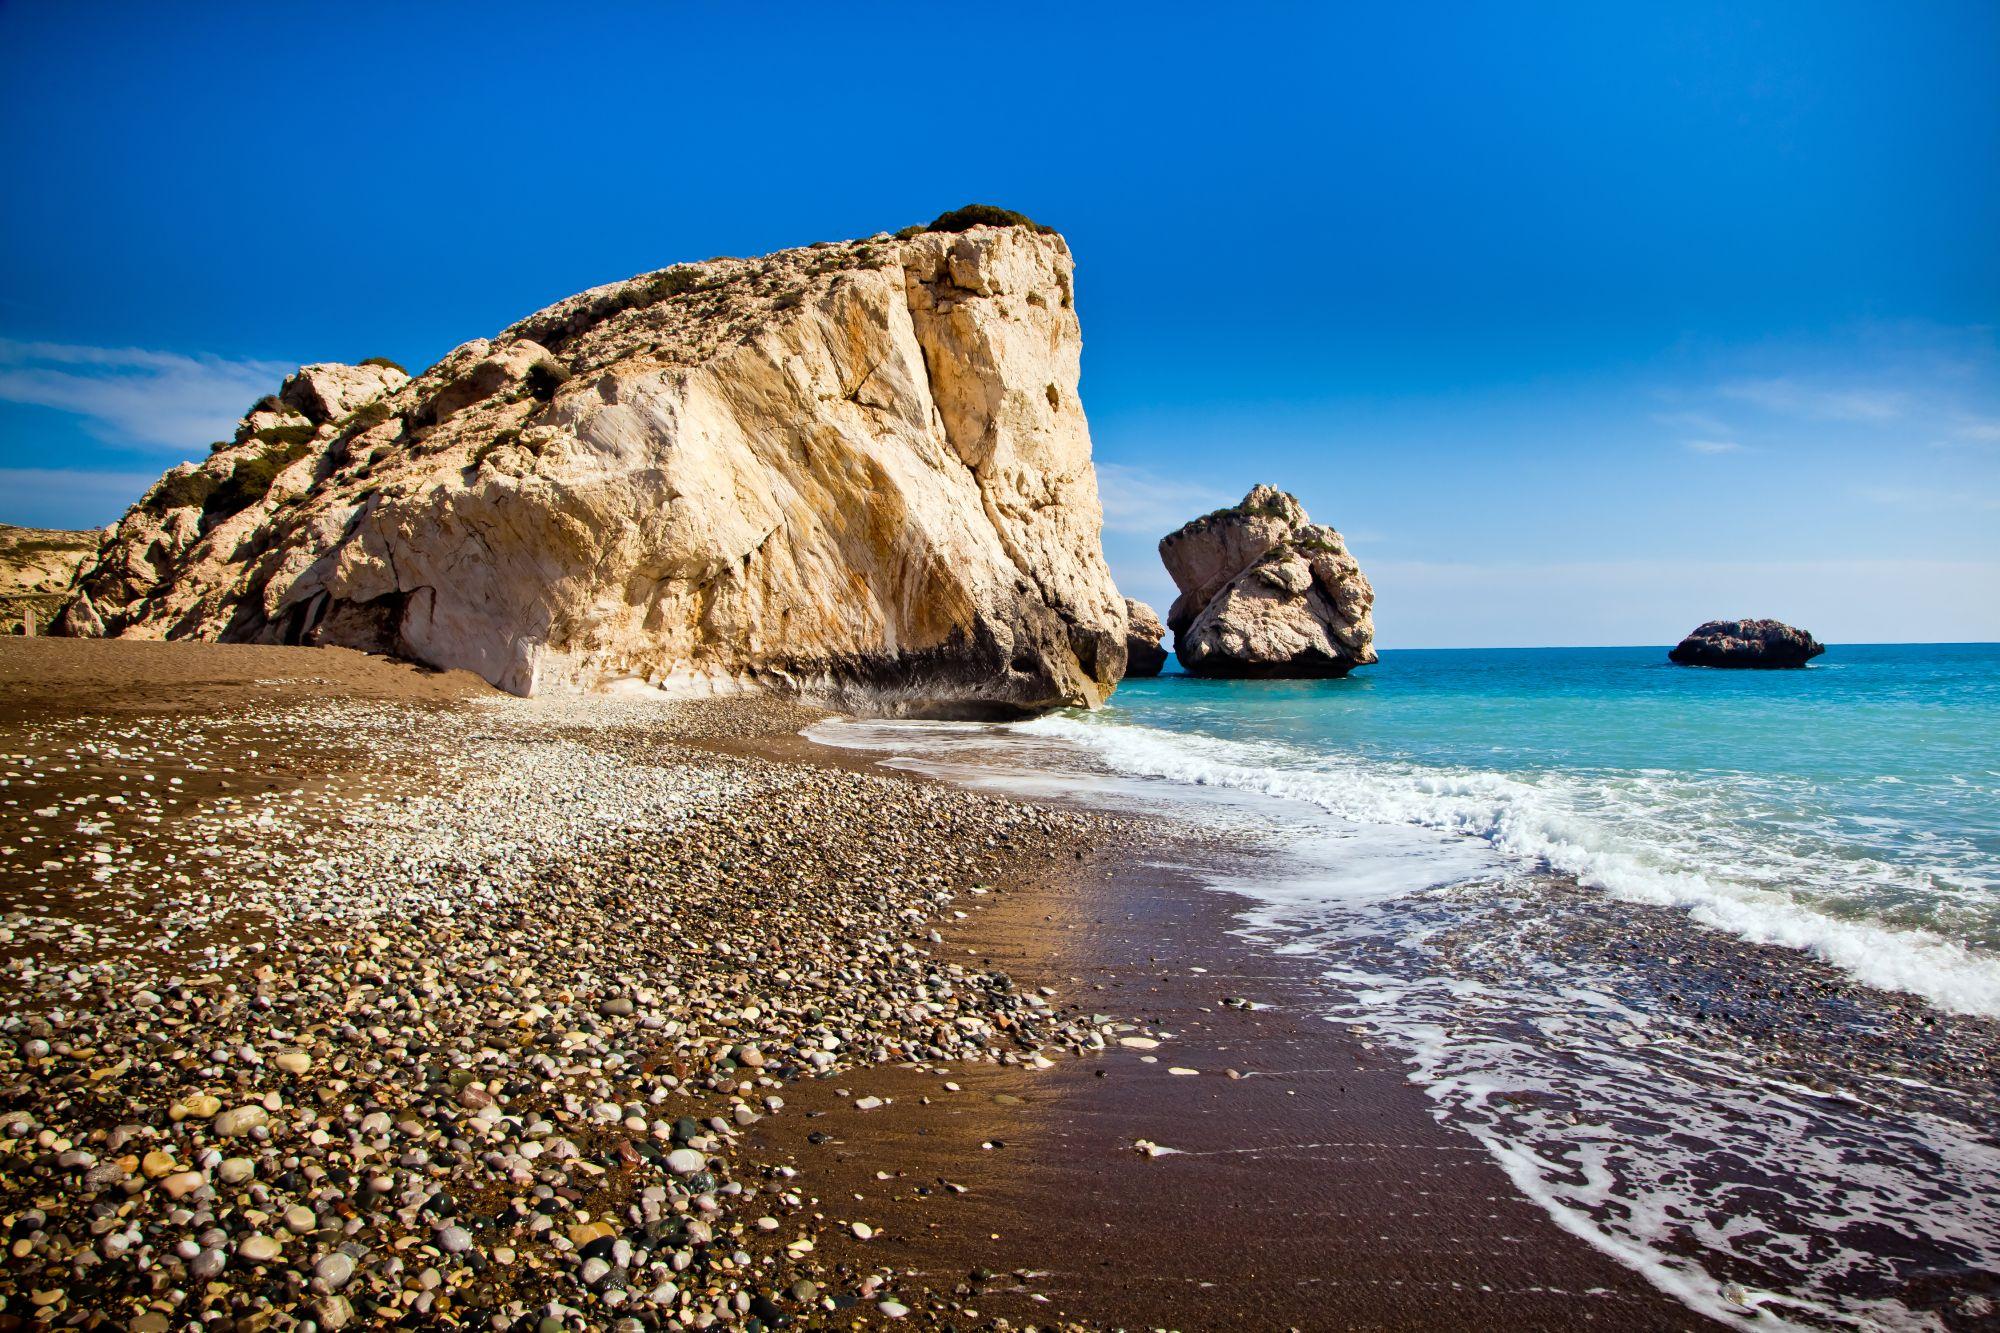 Plaża w Pafos